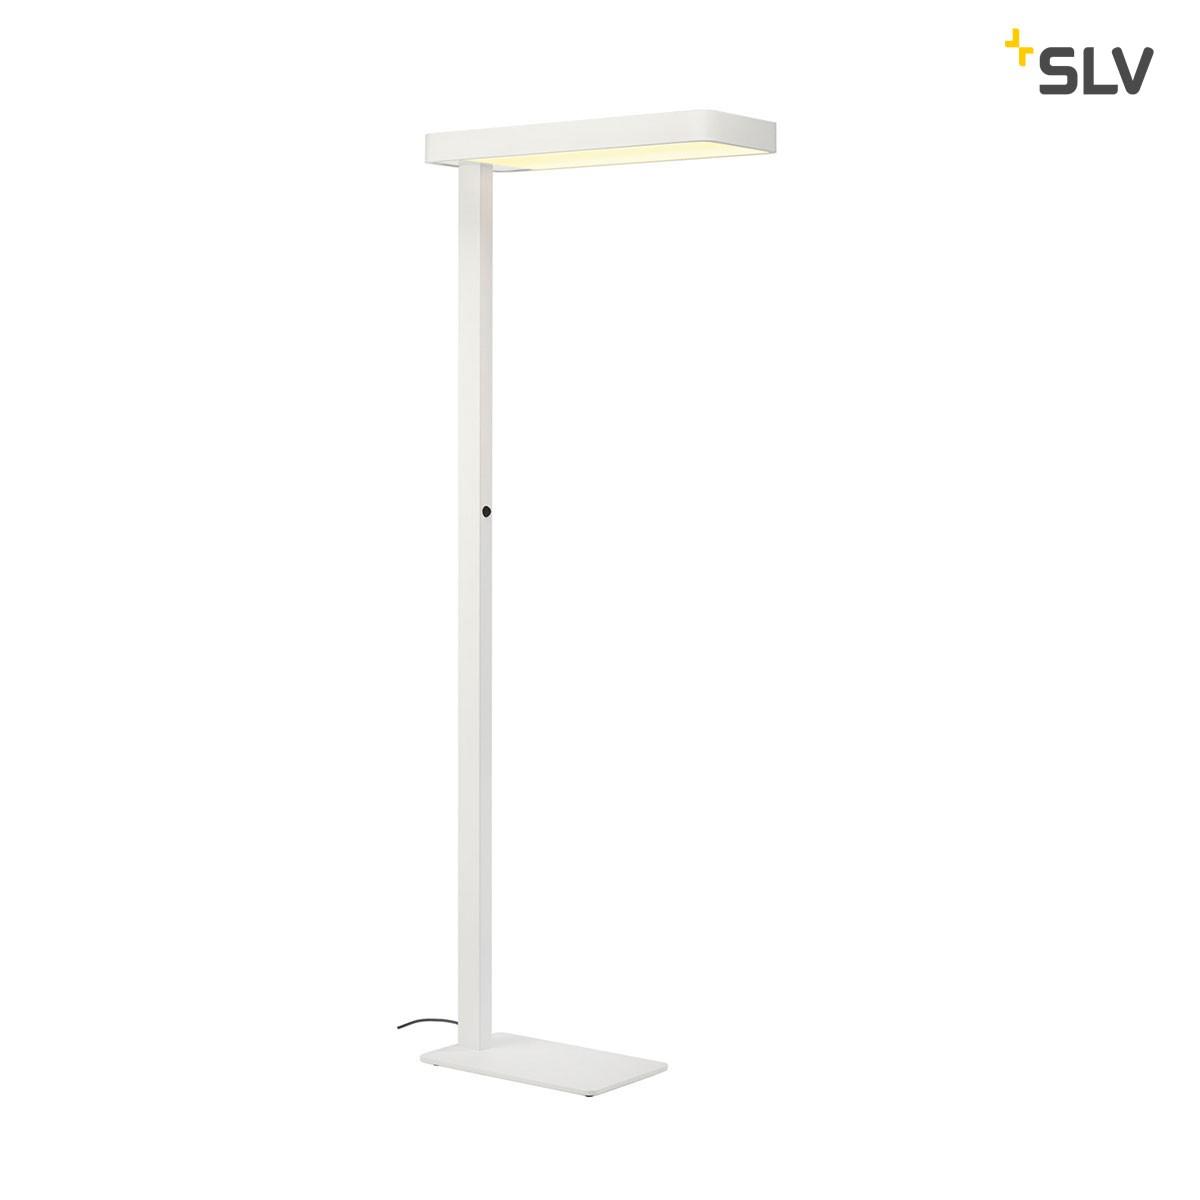 SLV Worklight LED SL-2 Stehleuchte, weiß